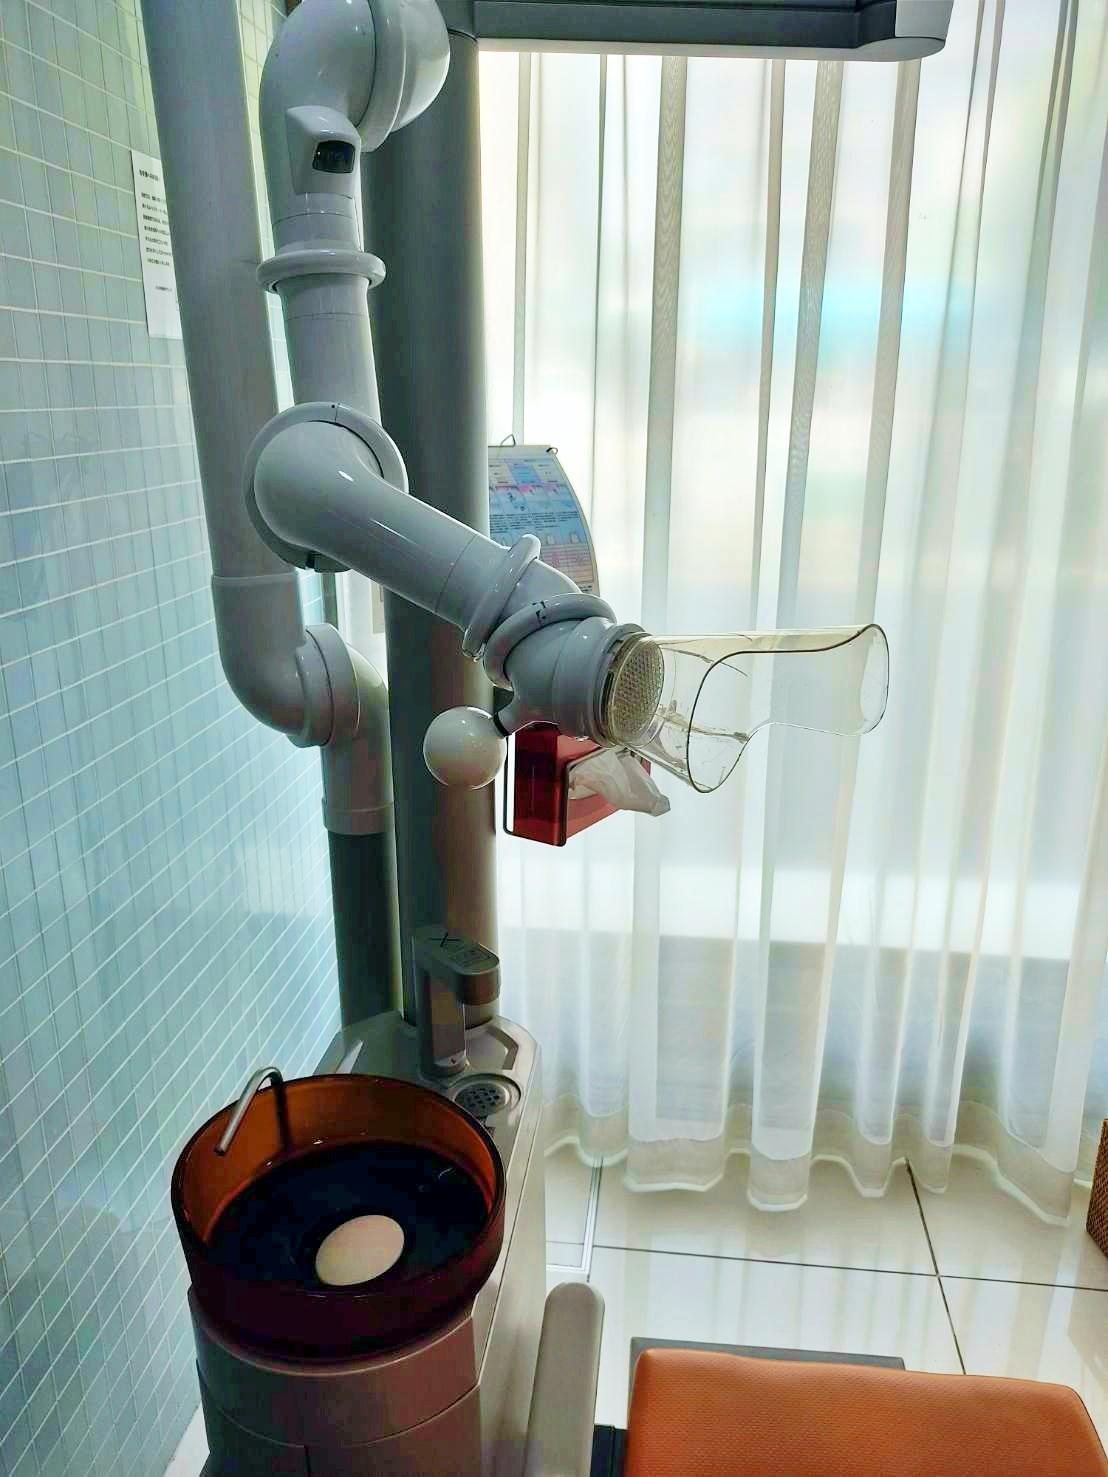 口腔外バキュームで綺麗な診療環境